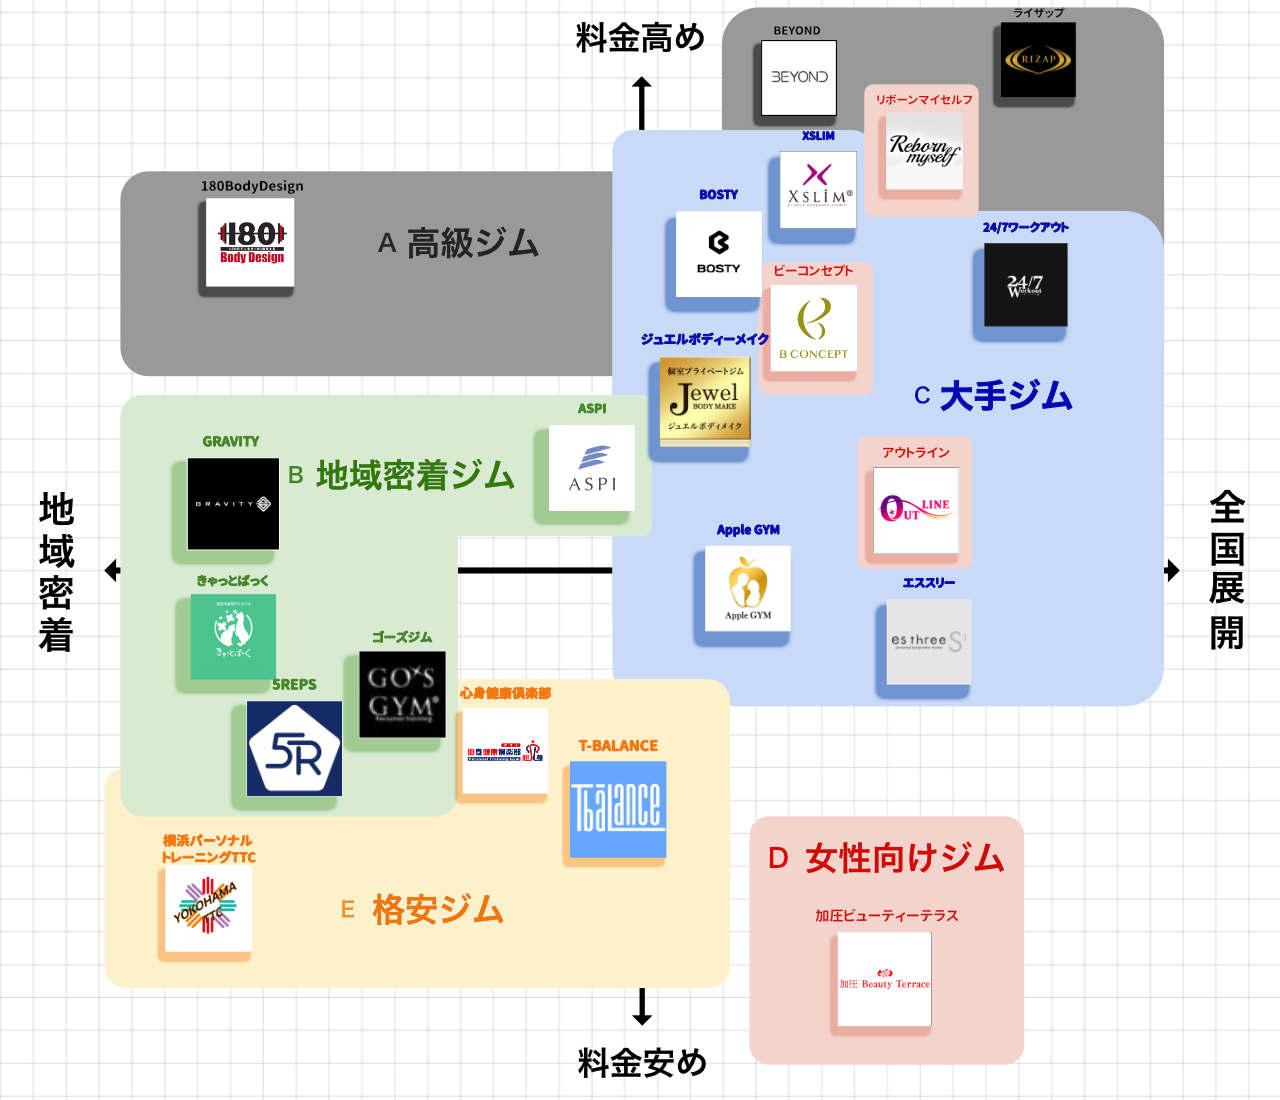 横浜のパーソナルトレーニングジムポジションマップ